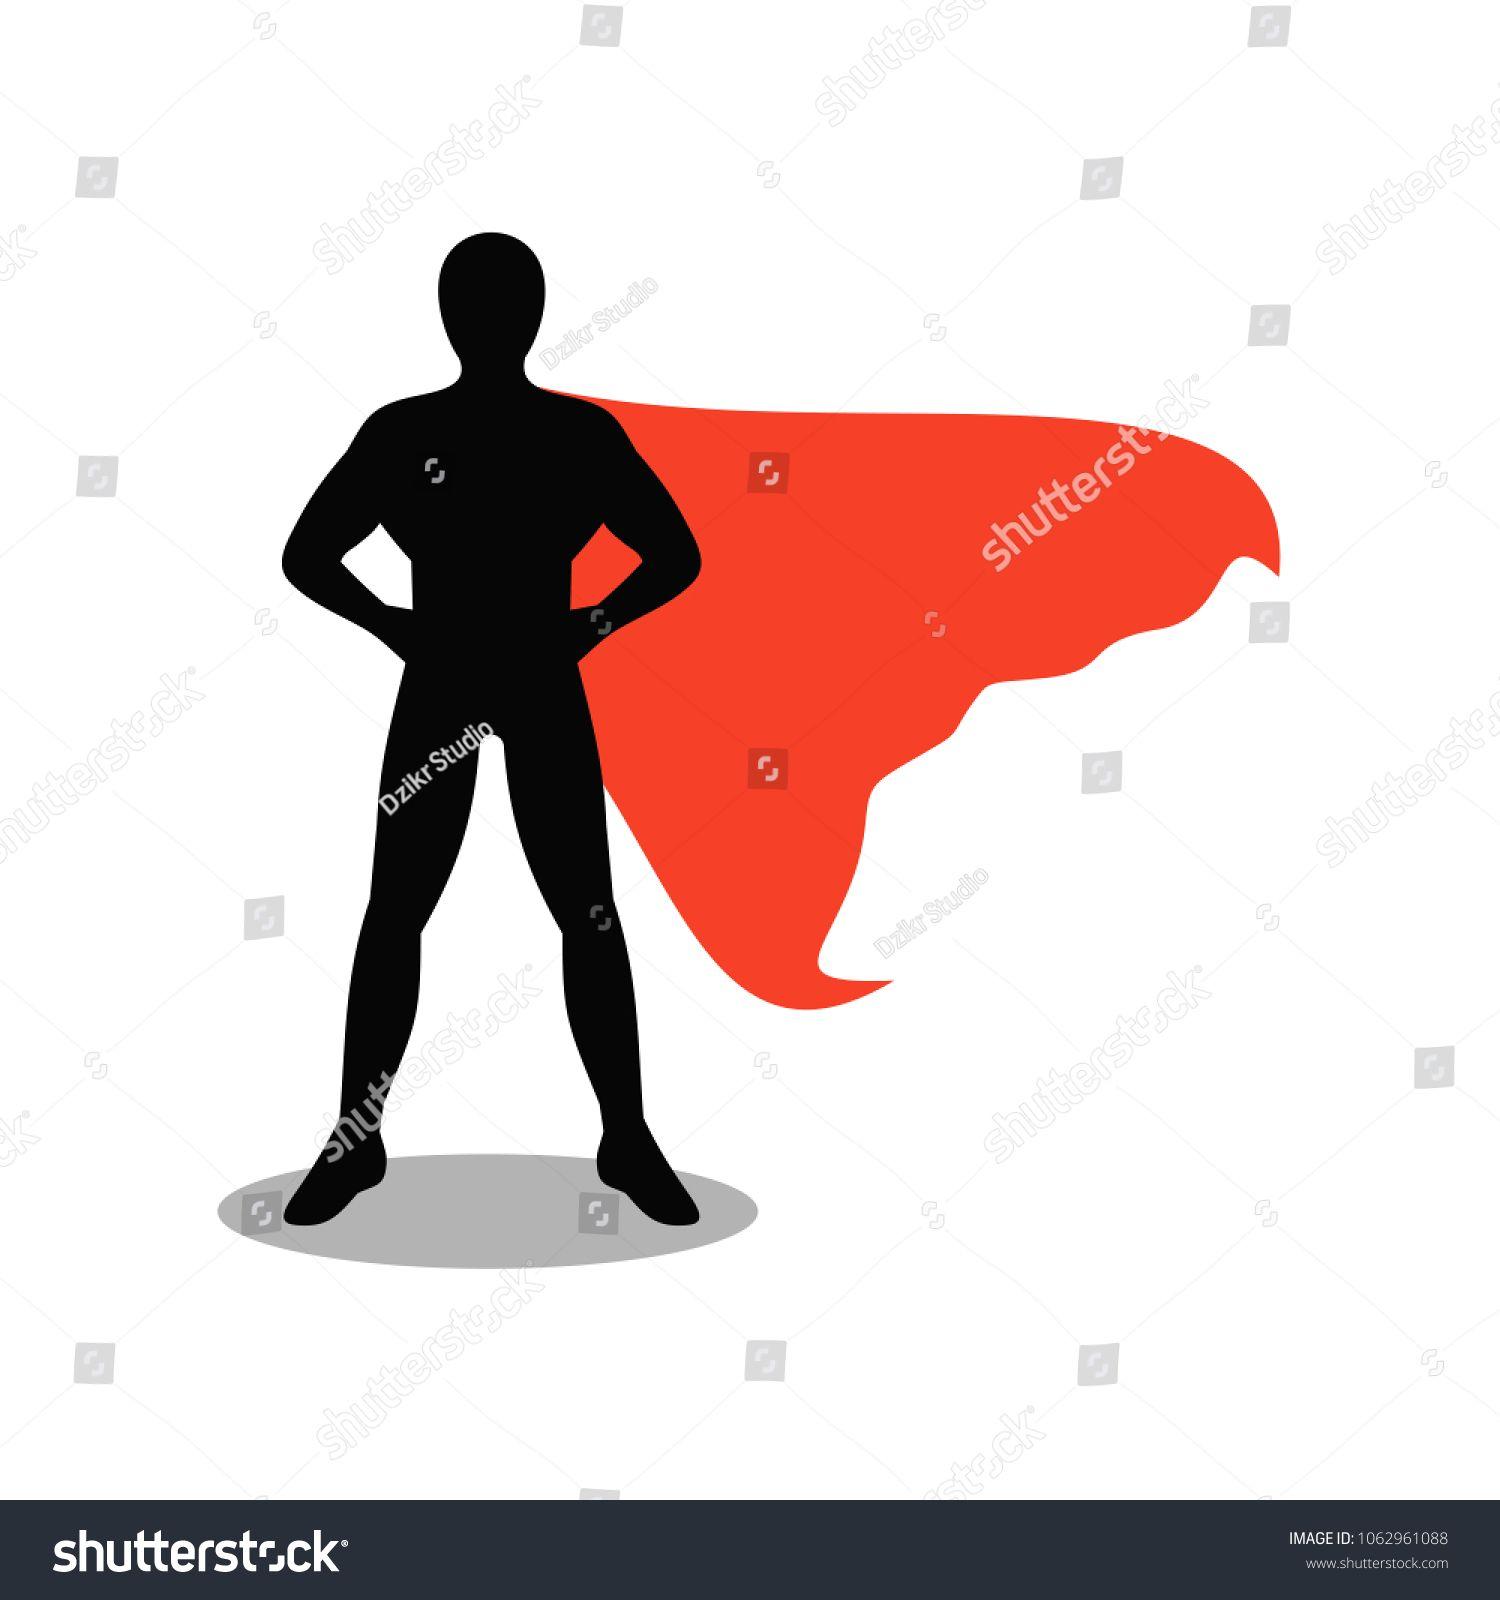 Superhero Pose Silhouette Template Pose Superhero Template Silhouette Silhouette Template Superhero Template Superhero